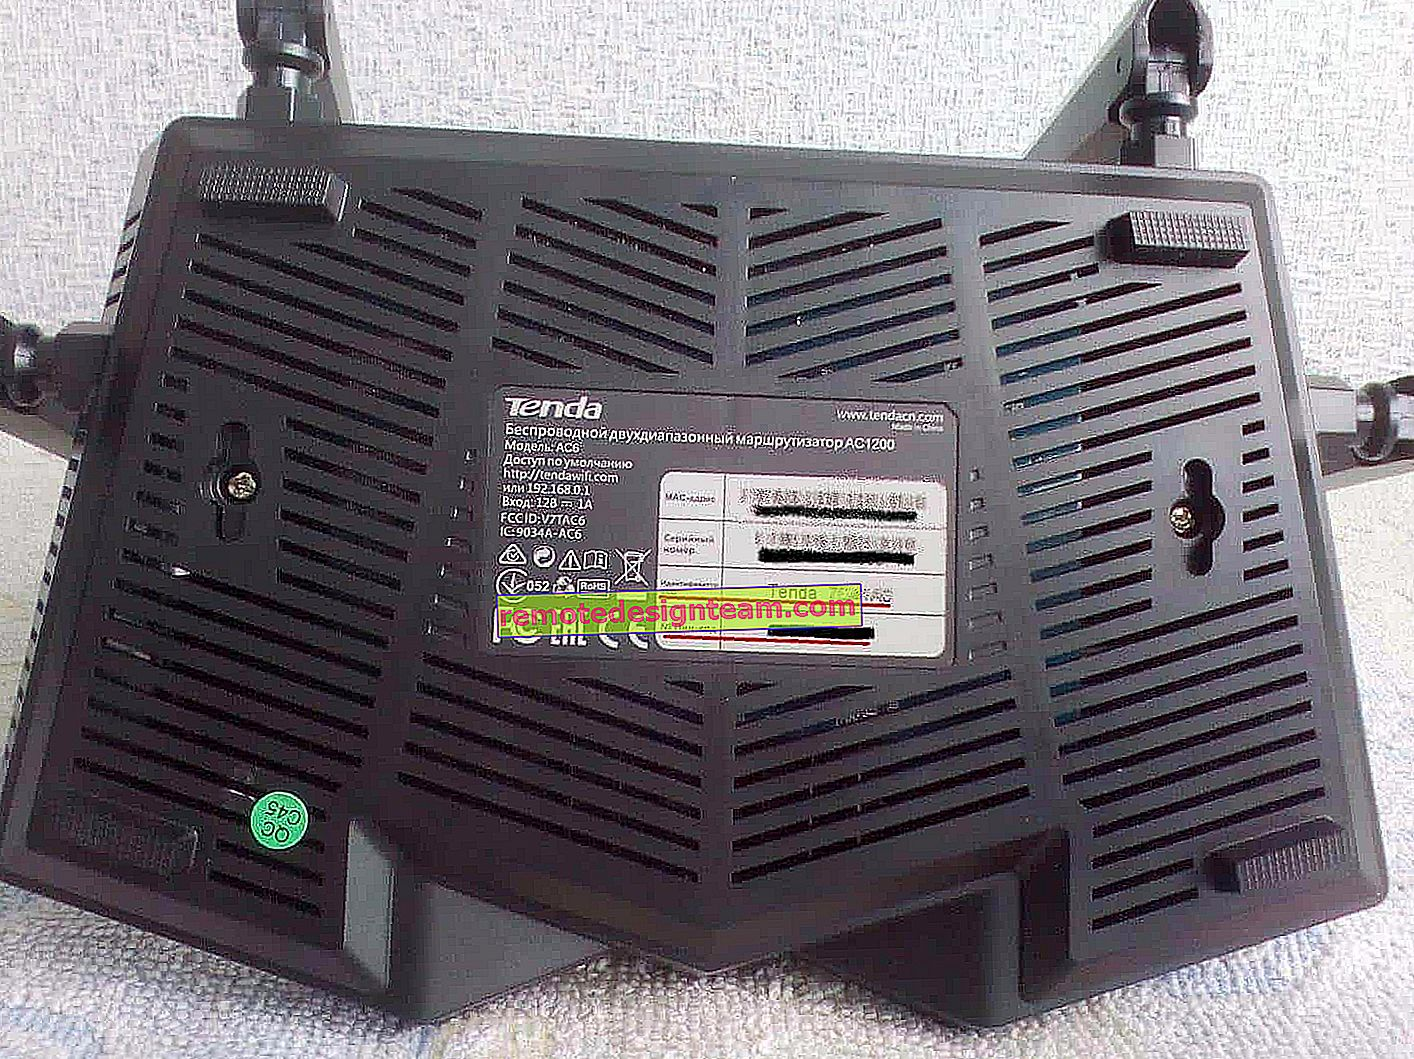 Tetapkan semula kata laluan dan tetapan pada penghala Wi-Fi Tenda